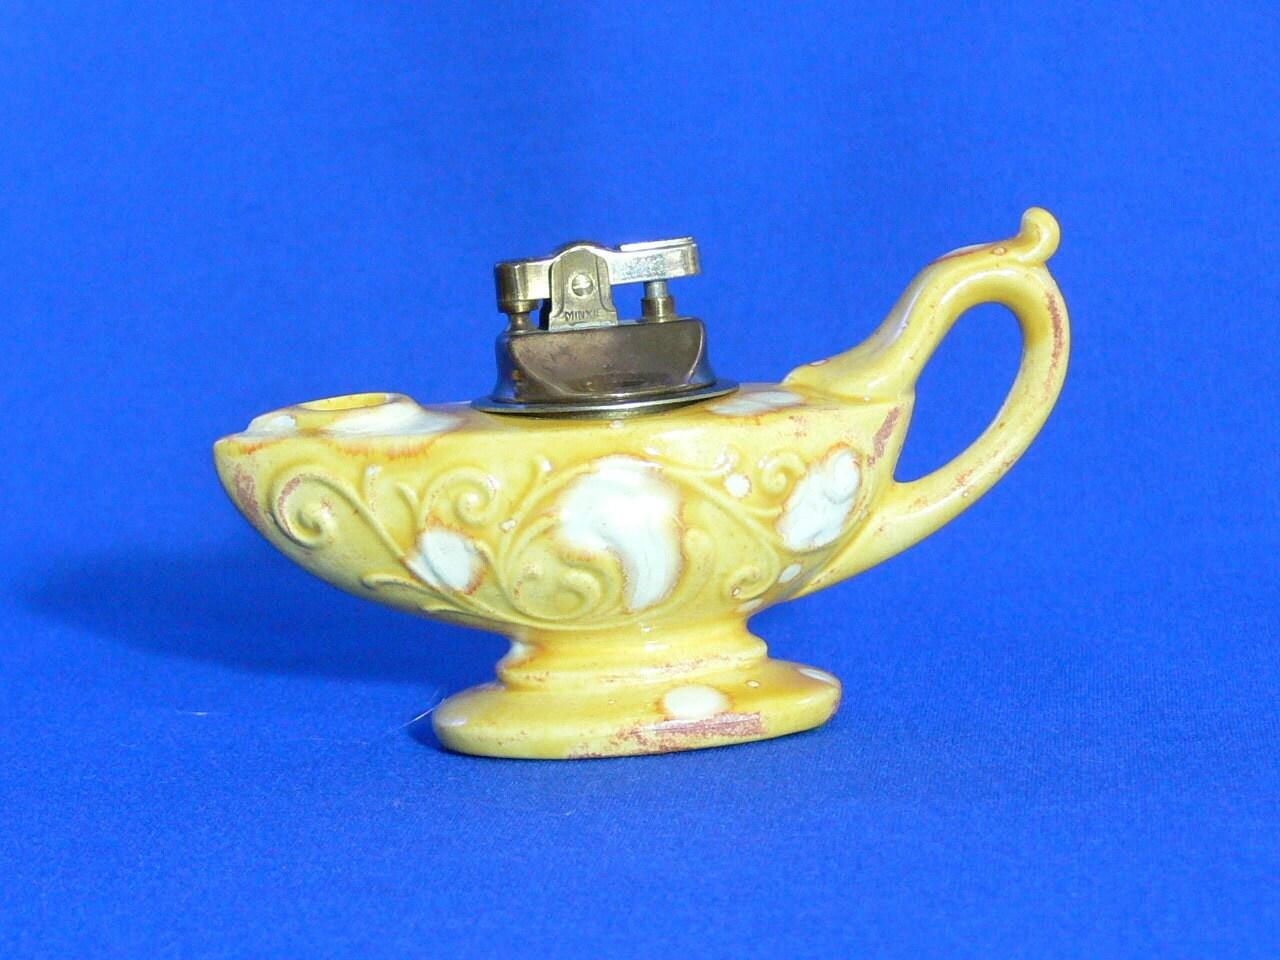 Vintage Genie Lamp Tabletop Lighter Minxie Mg 011